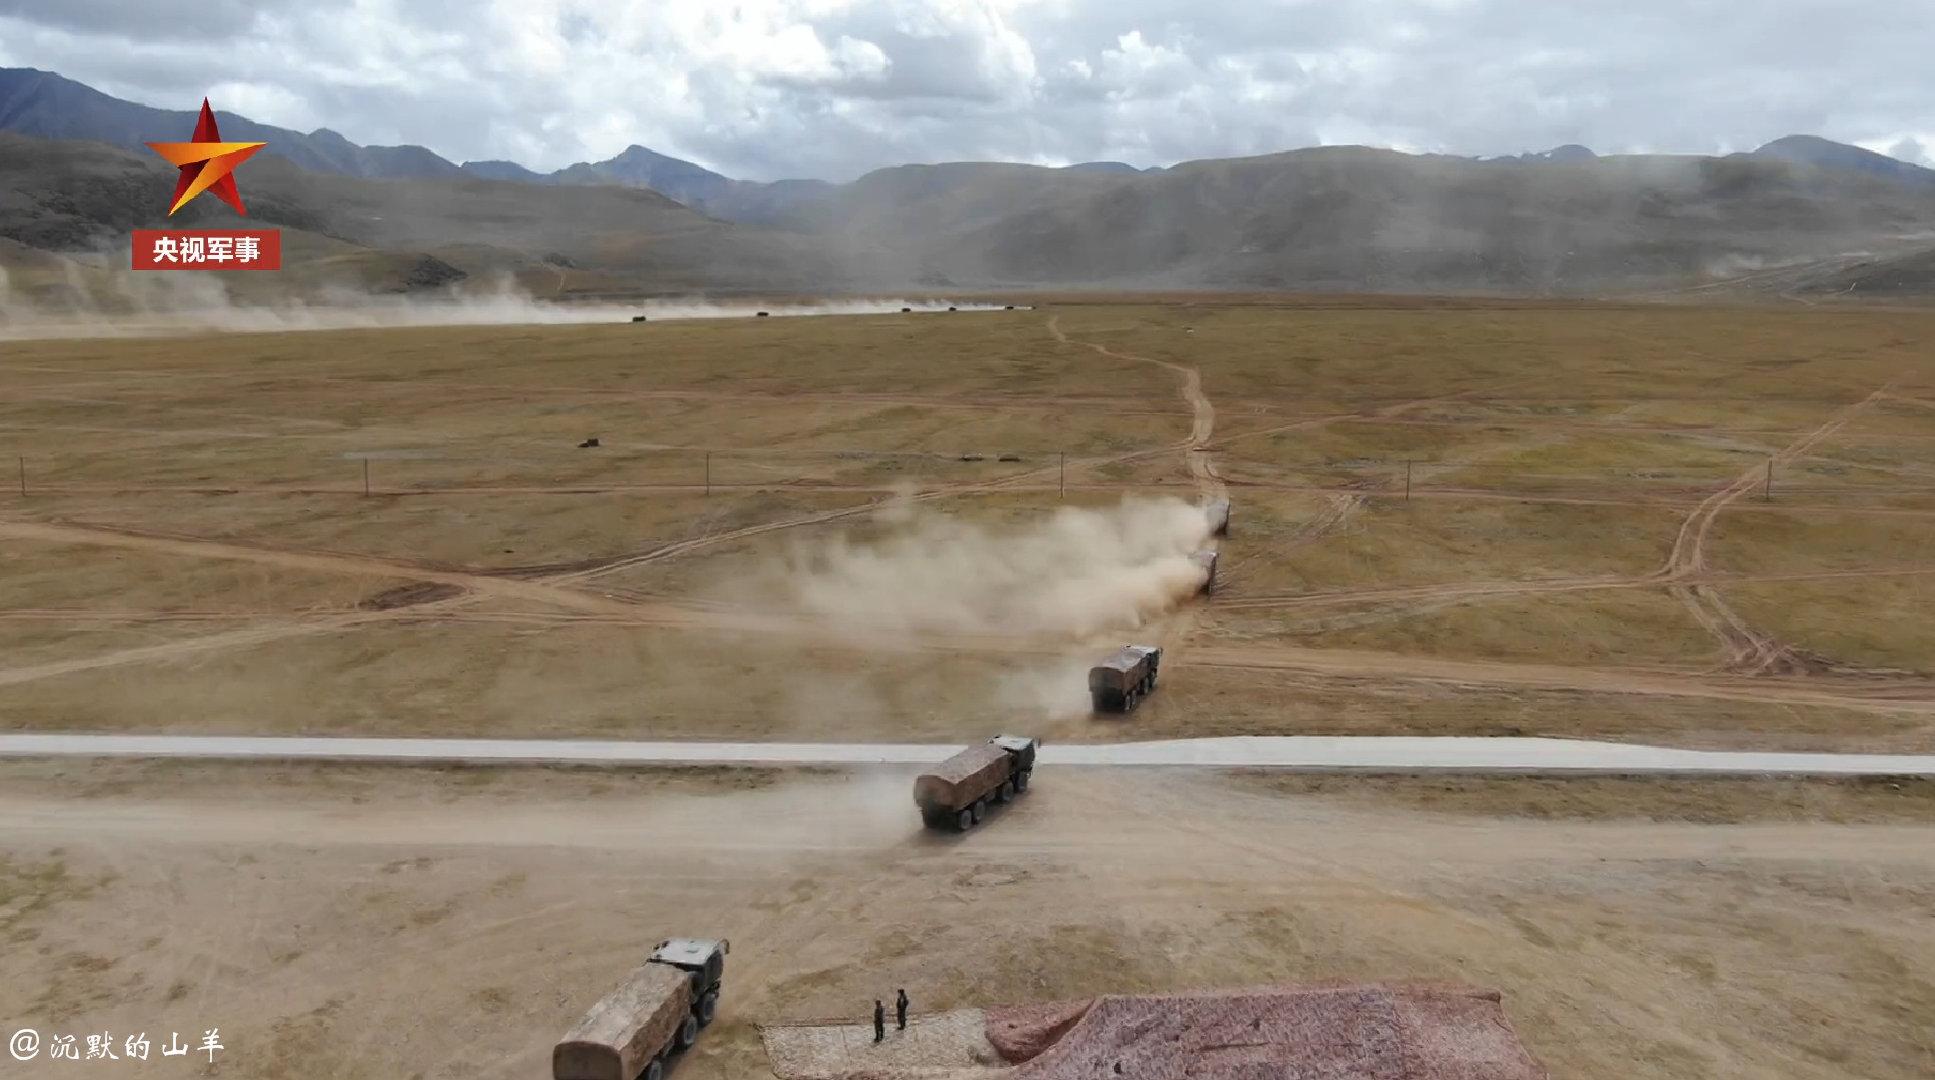 近日,西藏军区青藏兵站部模拟为被保障单位前送热食